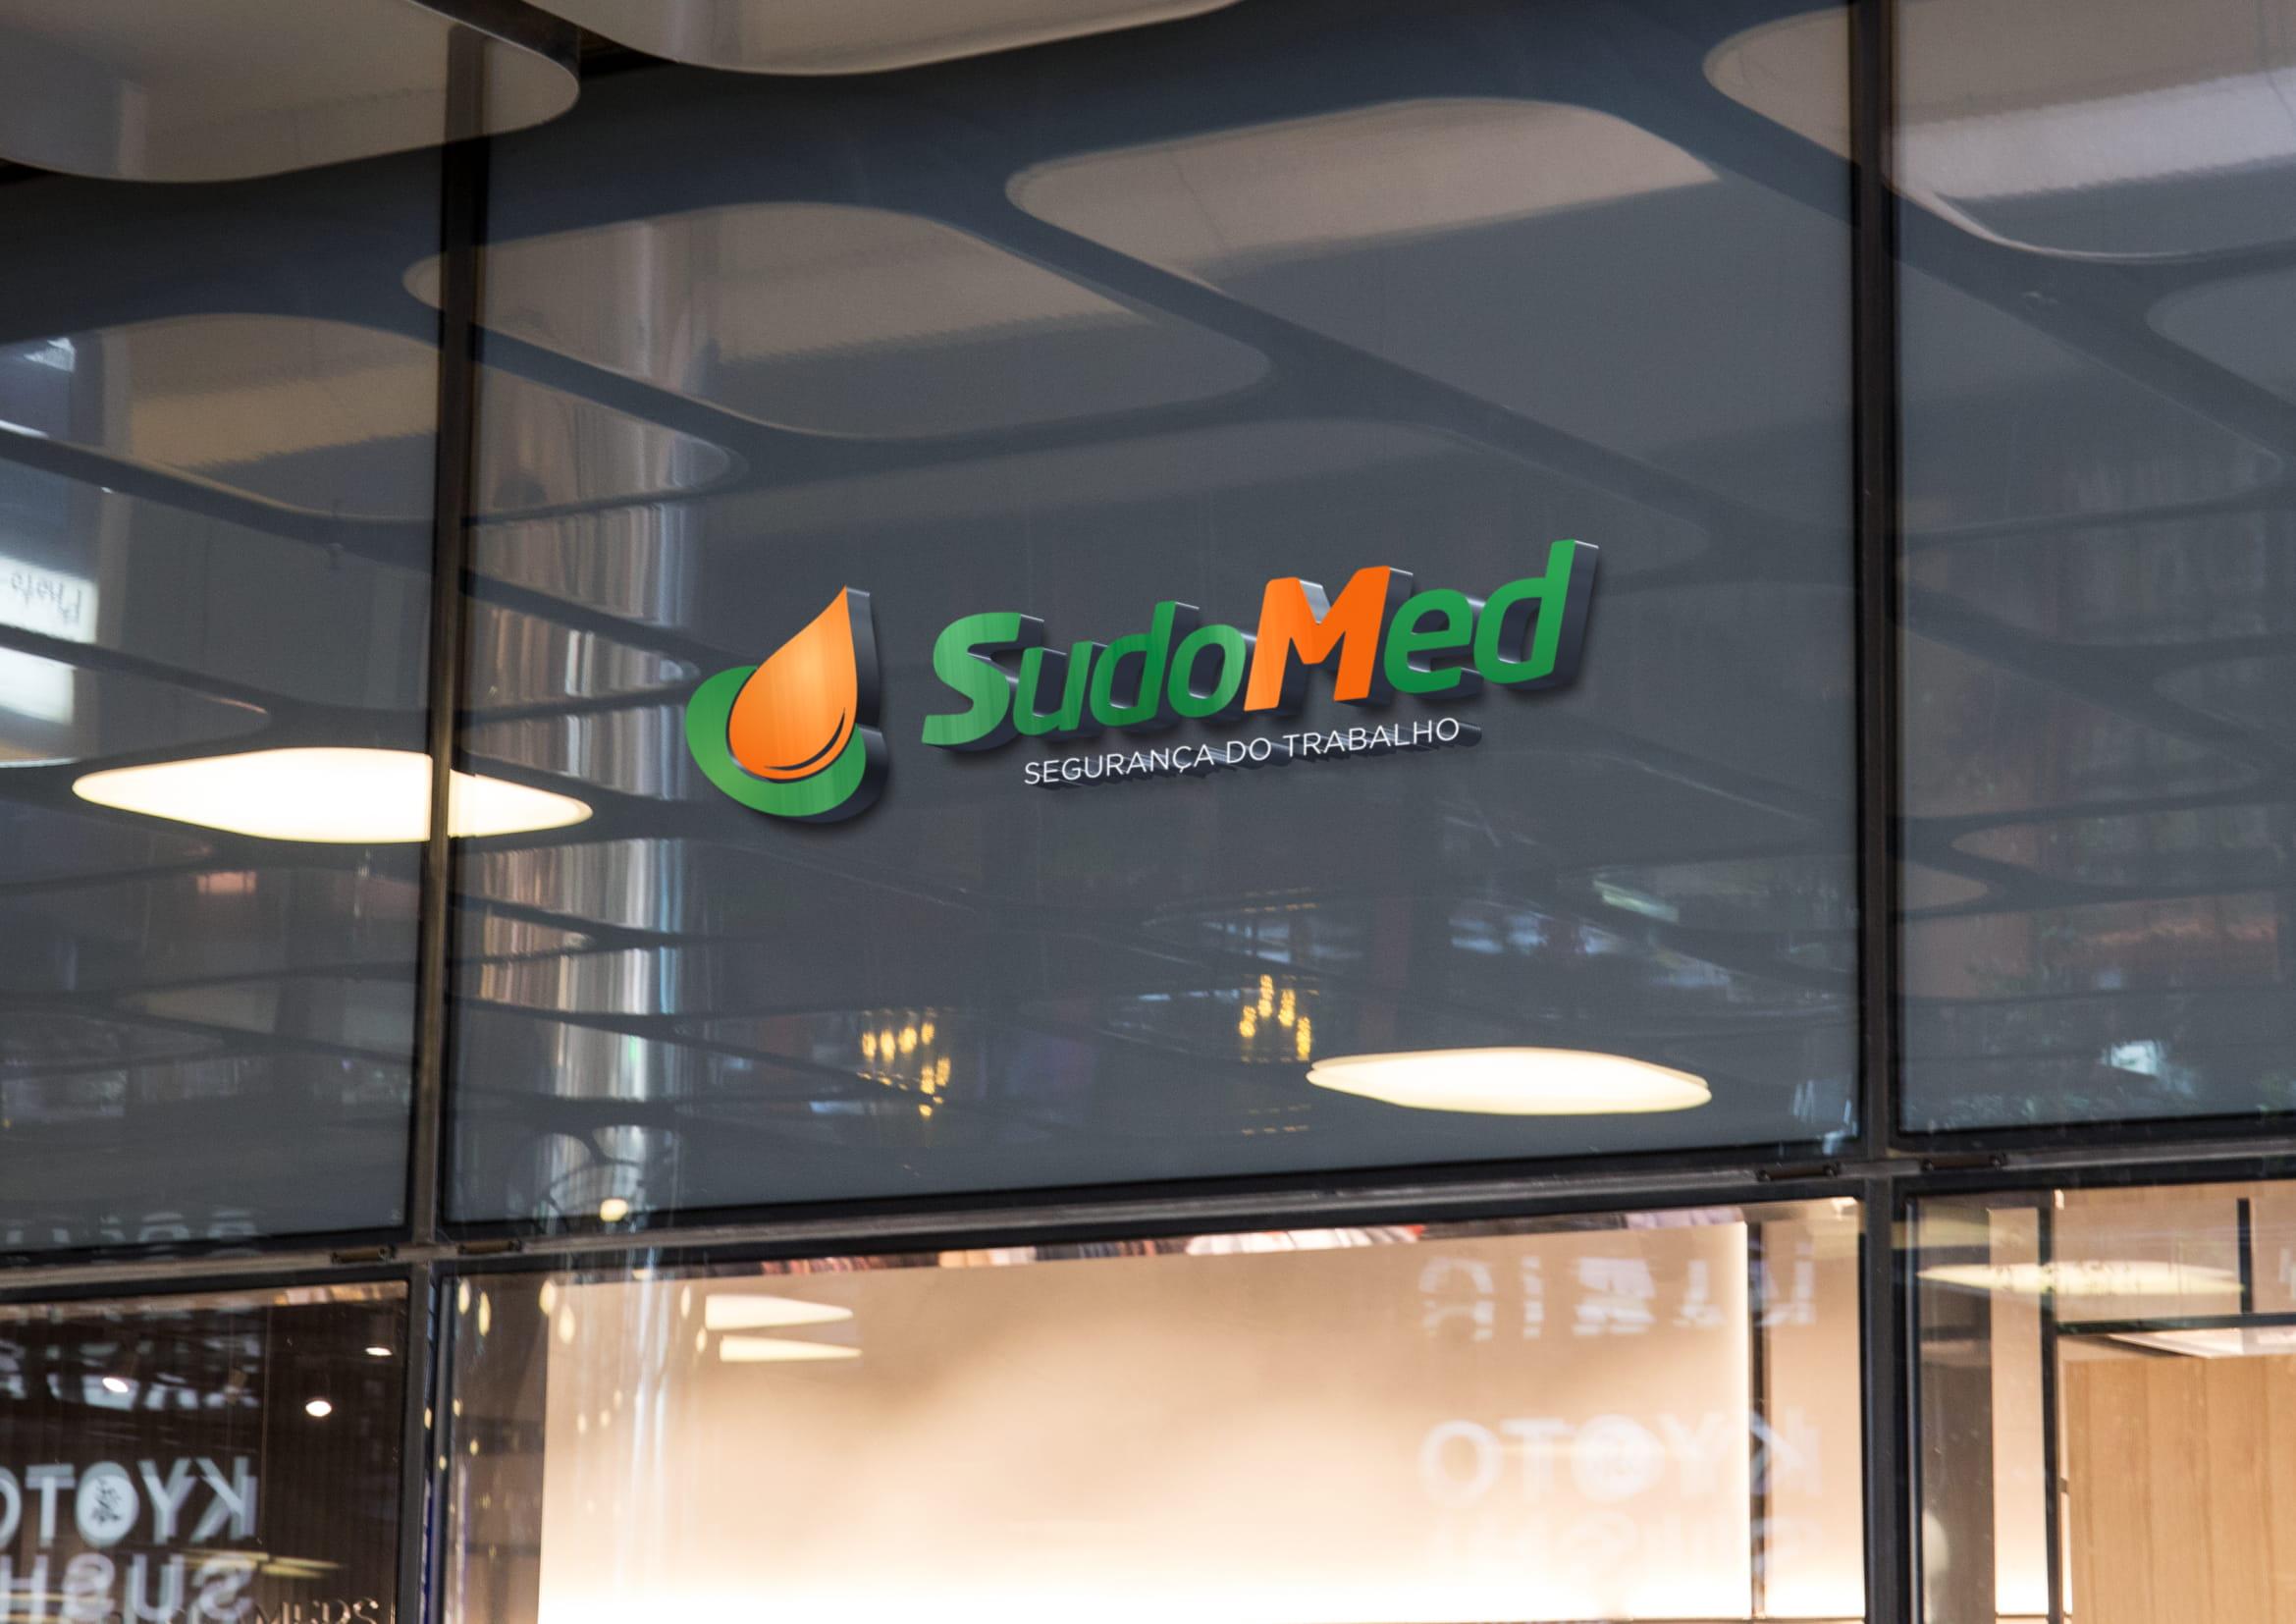 mockup nova logo sudomed-3